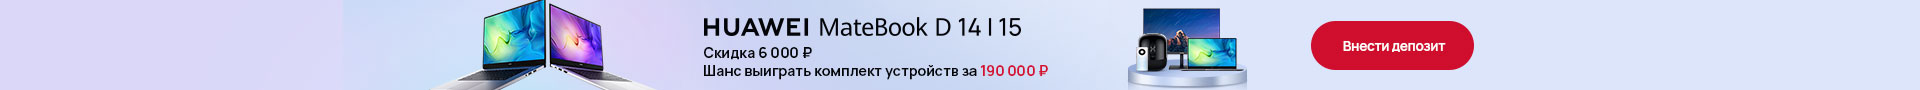 Matebook D14/D15